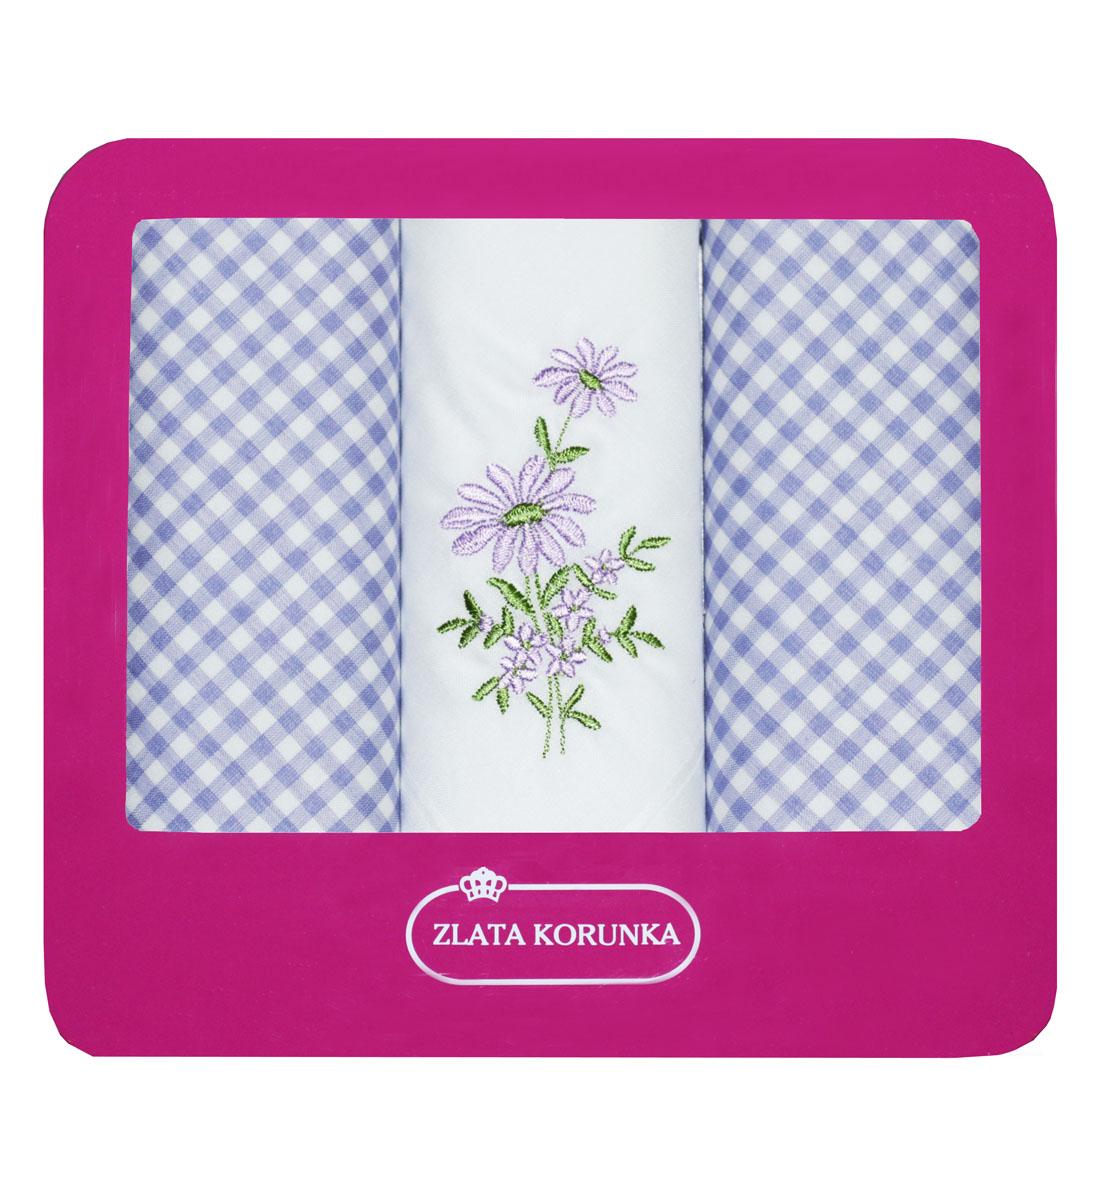 Платок носовой женский Zlata Korunka, цвет: белый, голубой, 3 шт. 90330-4. Размер 29 см х 29 см90330-4Небольшой женский носовой платок Zlata Korunka изготовлен из высококачественного натурального хлопка, благодаря чему приятен в использовании, хорошо стирается, не садится и отлично впитывает влагу. Практичный и изящный носовой платок будет незаменим в повседневной жизни любого современного человека. Такой платок послужит стильным аксессуаром и подчеркнет ваше превосходное чувство вкуса. В комплекте 3 платка.